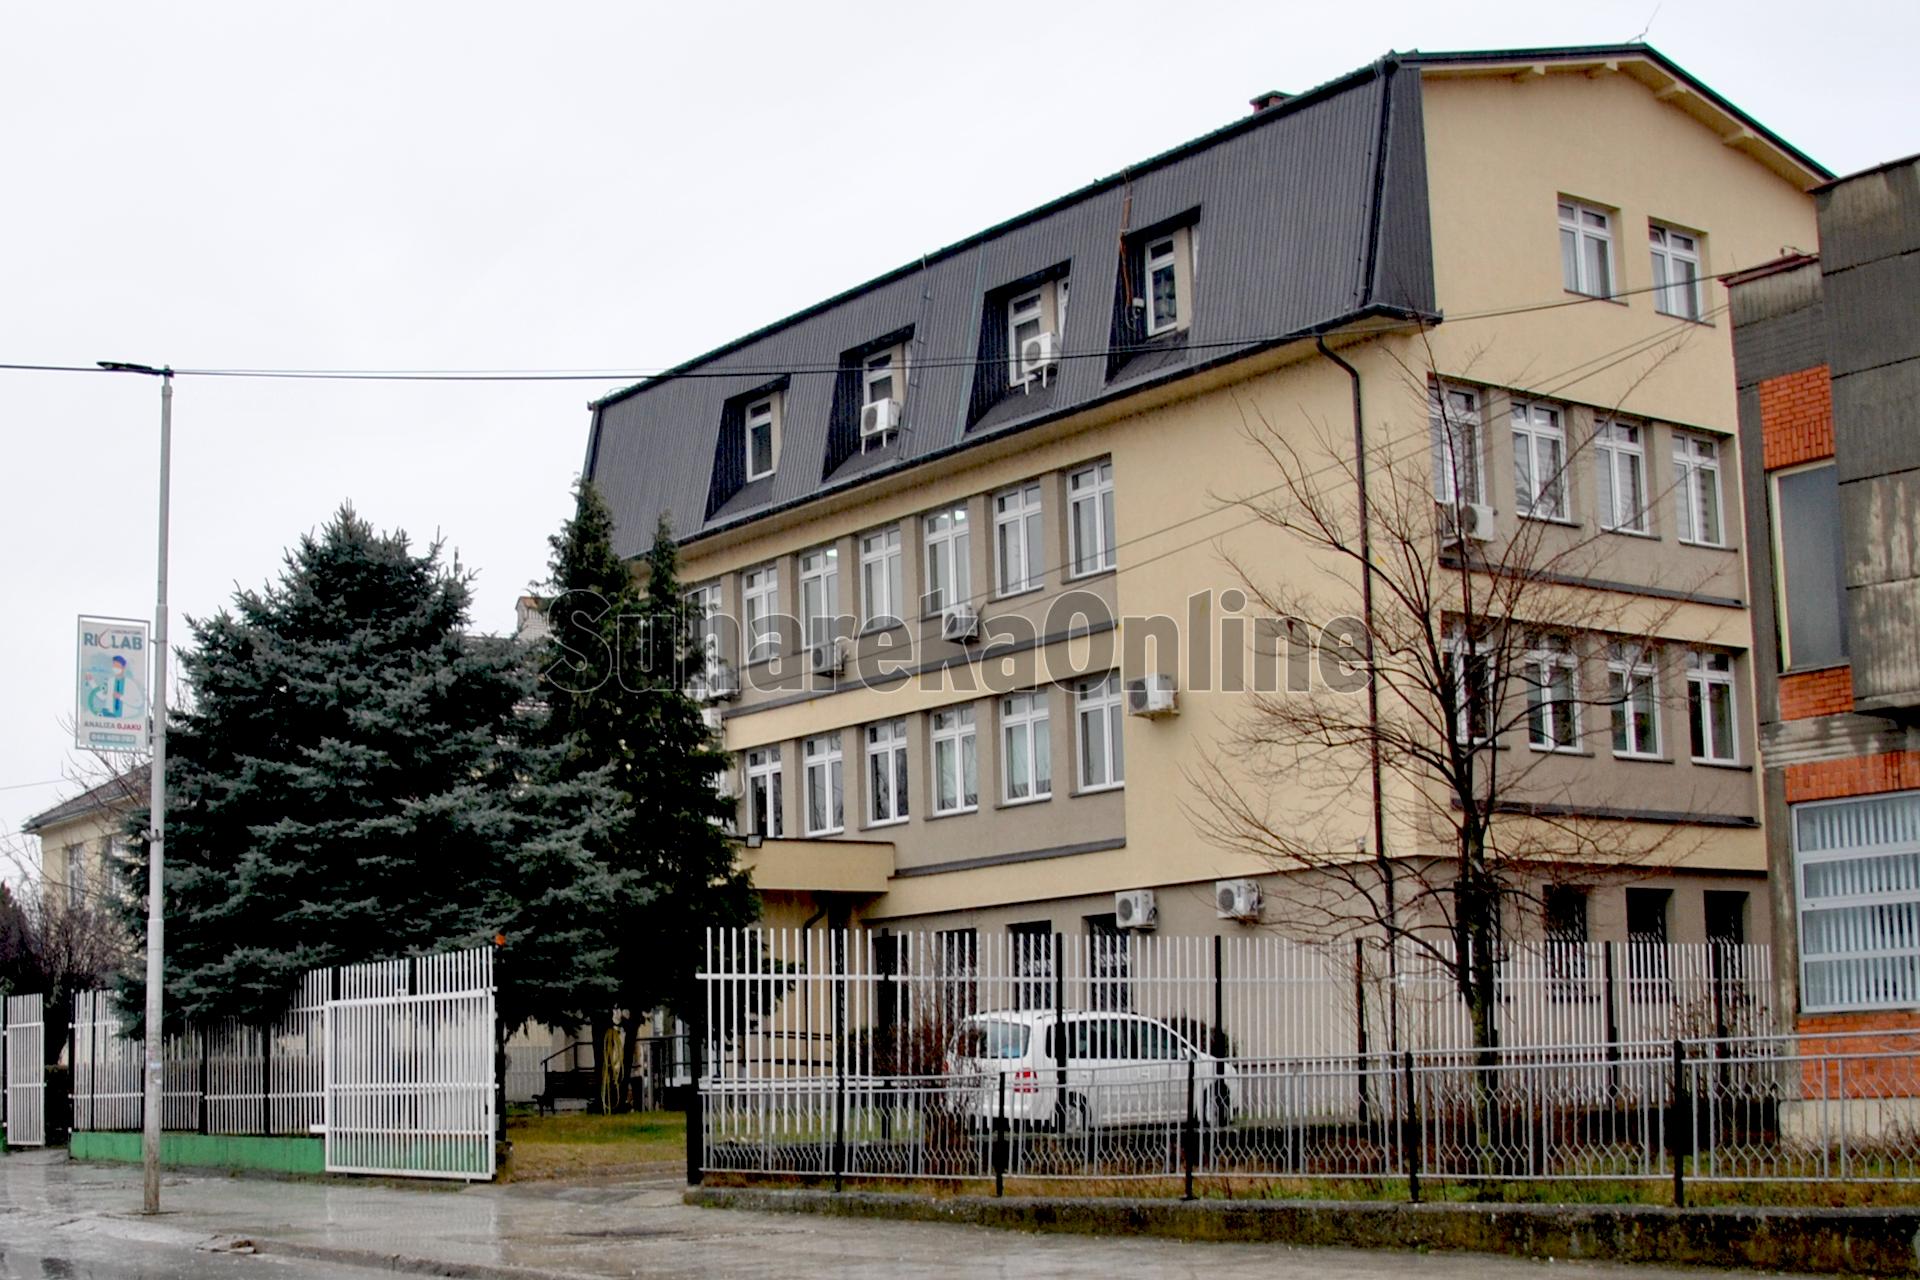 Qeveria ia vlerësoi pronën 8€ për metër katror, qytetari nga Suhareka kërkon ti paguhet 28€